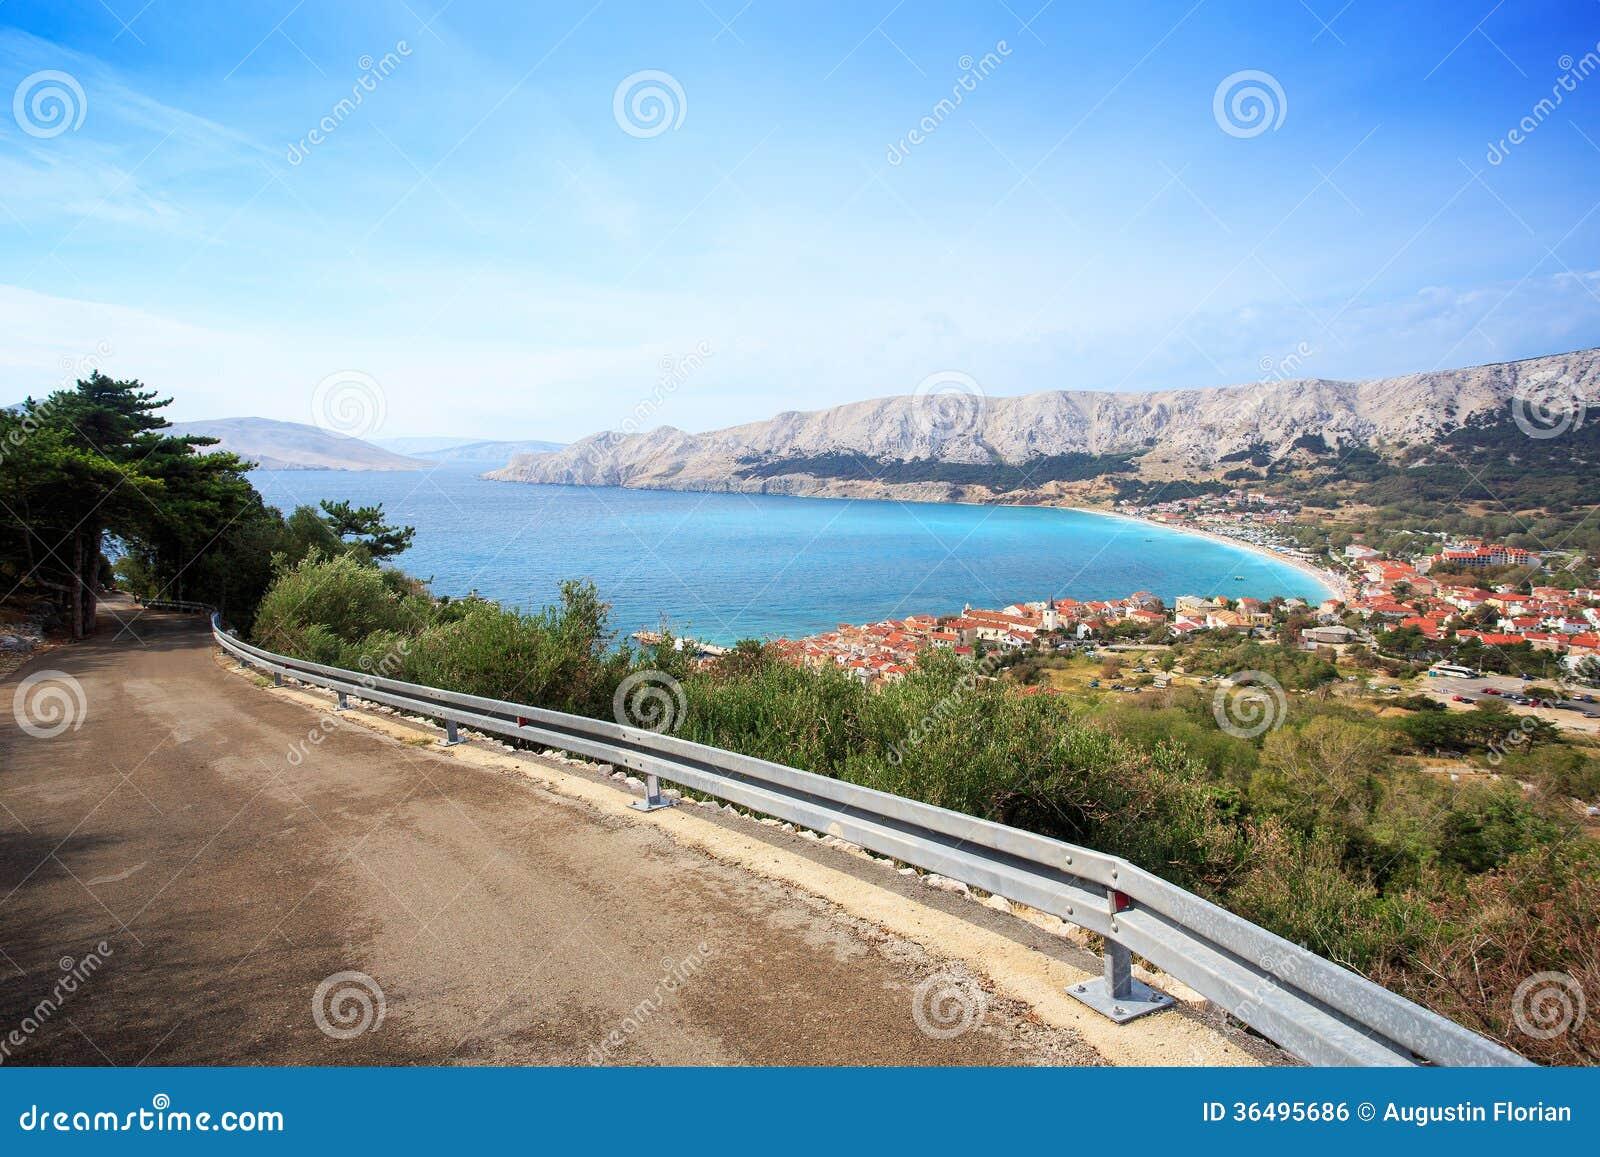 Baska resort, Croatia